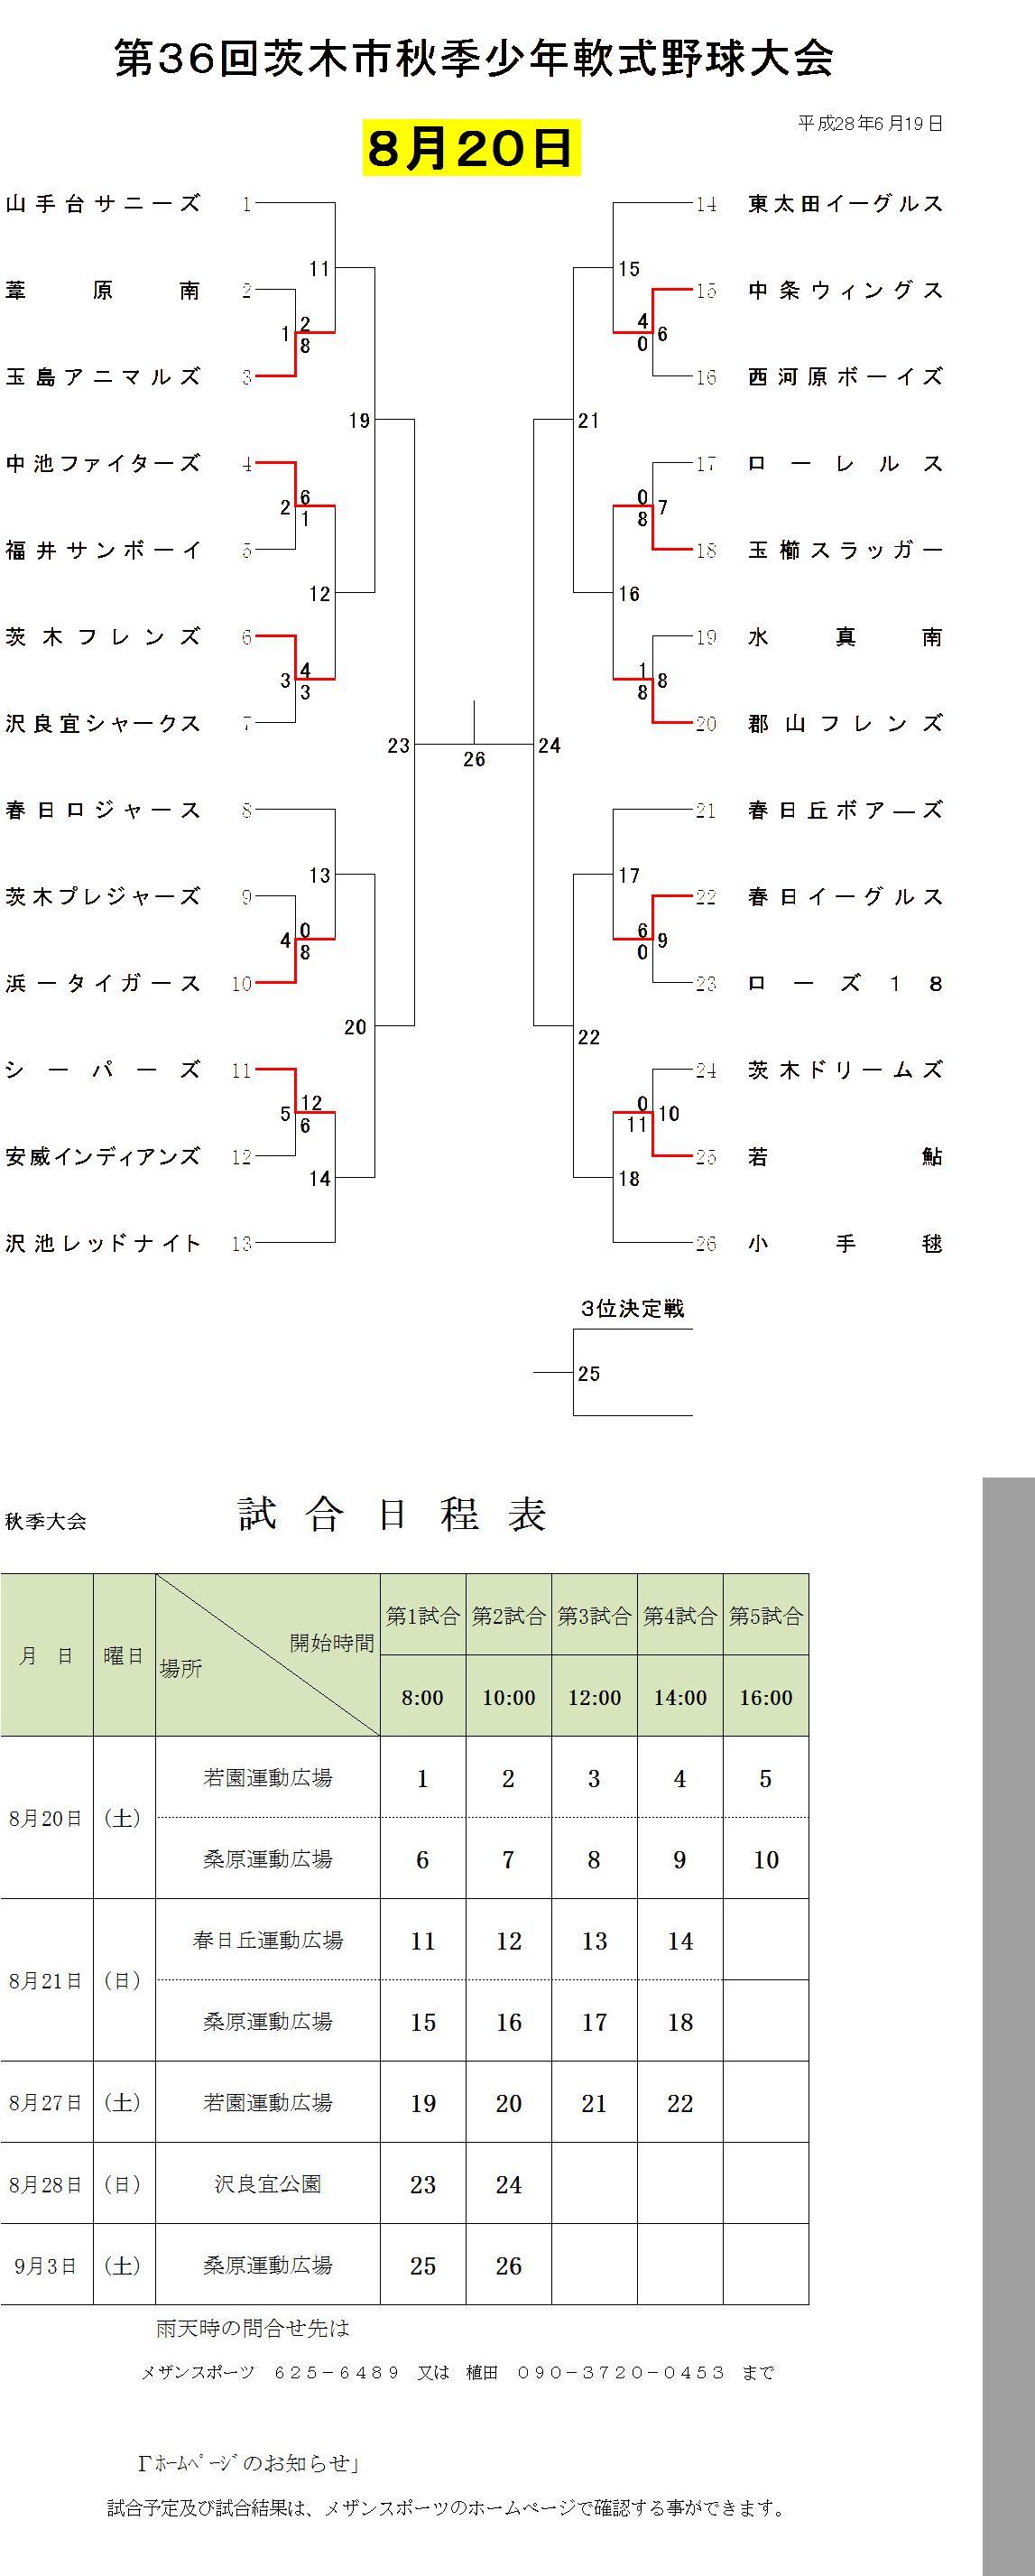 8月20日試合結果小学生秋季大会